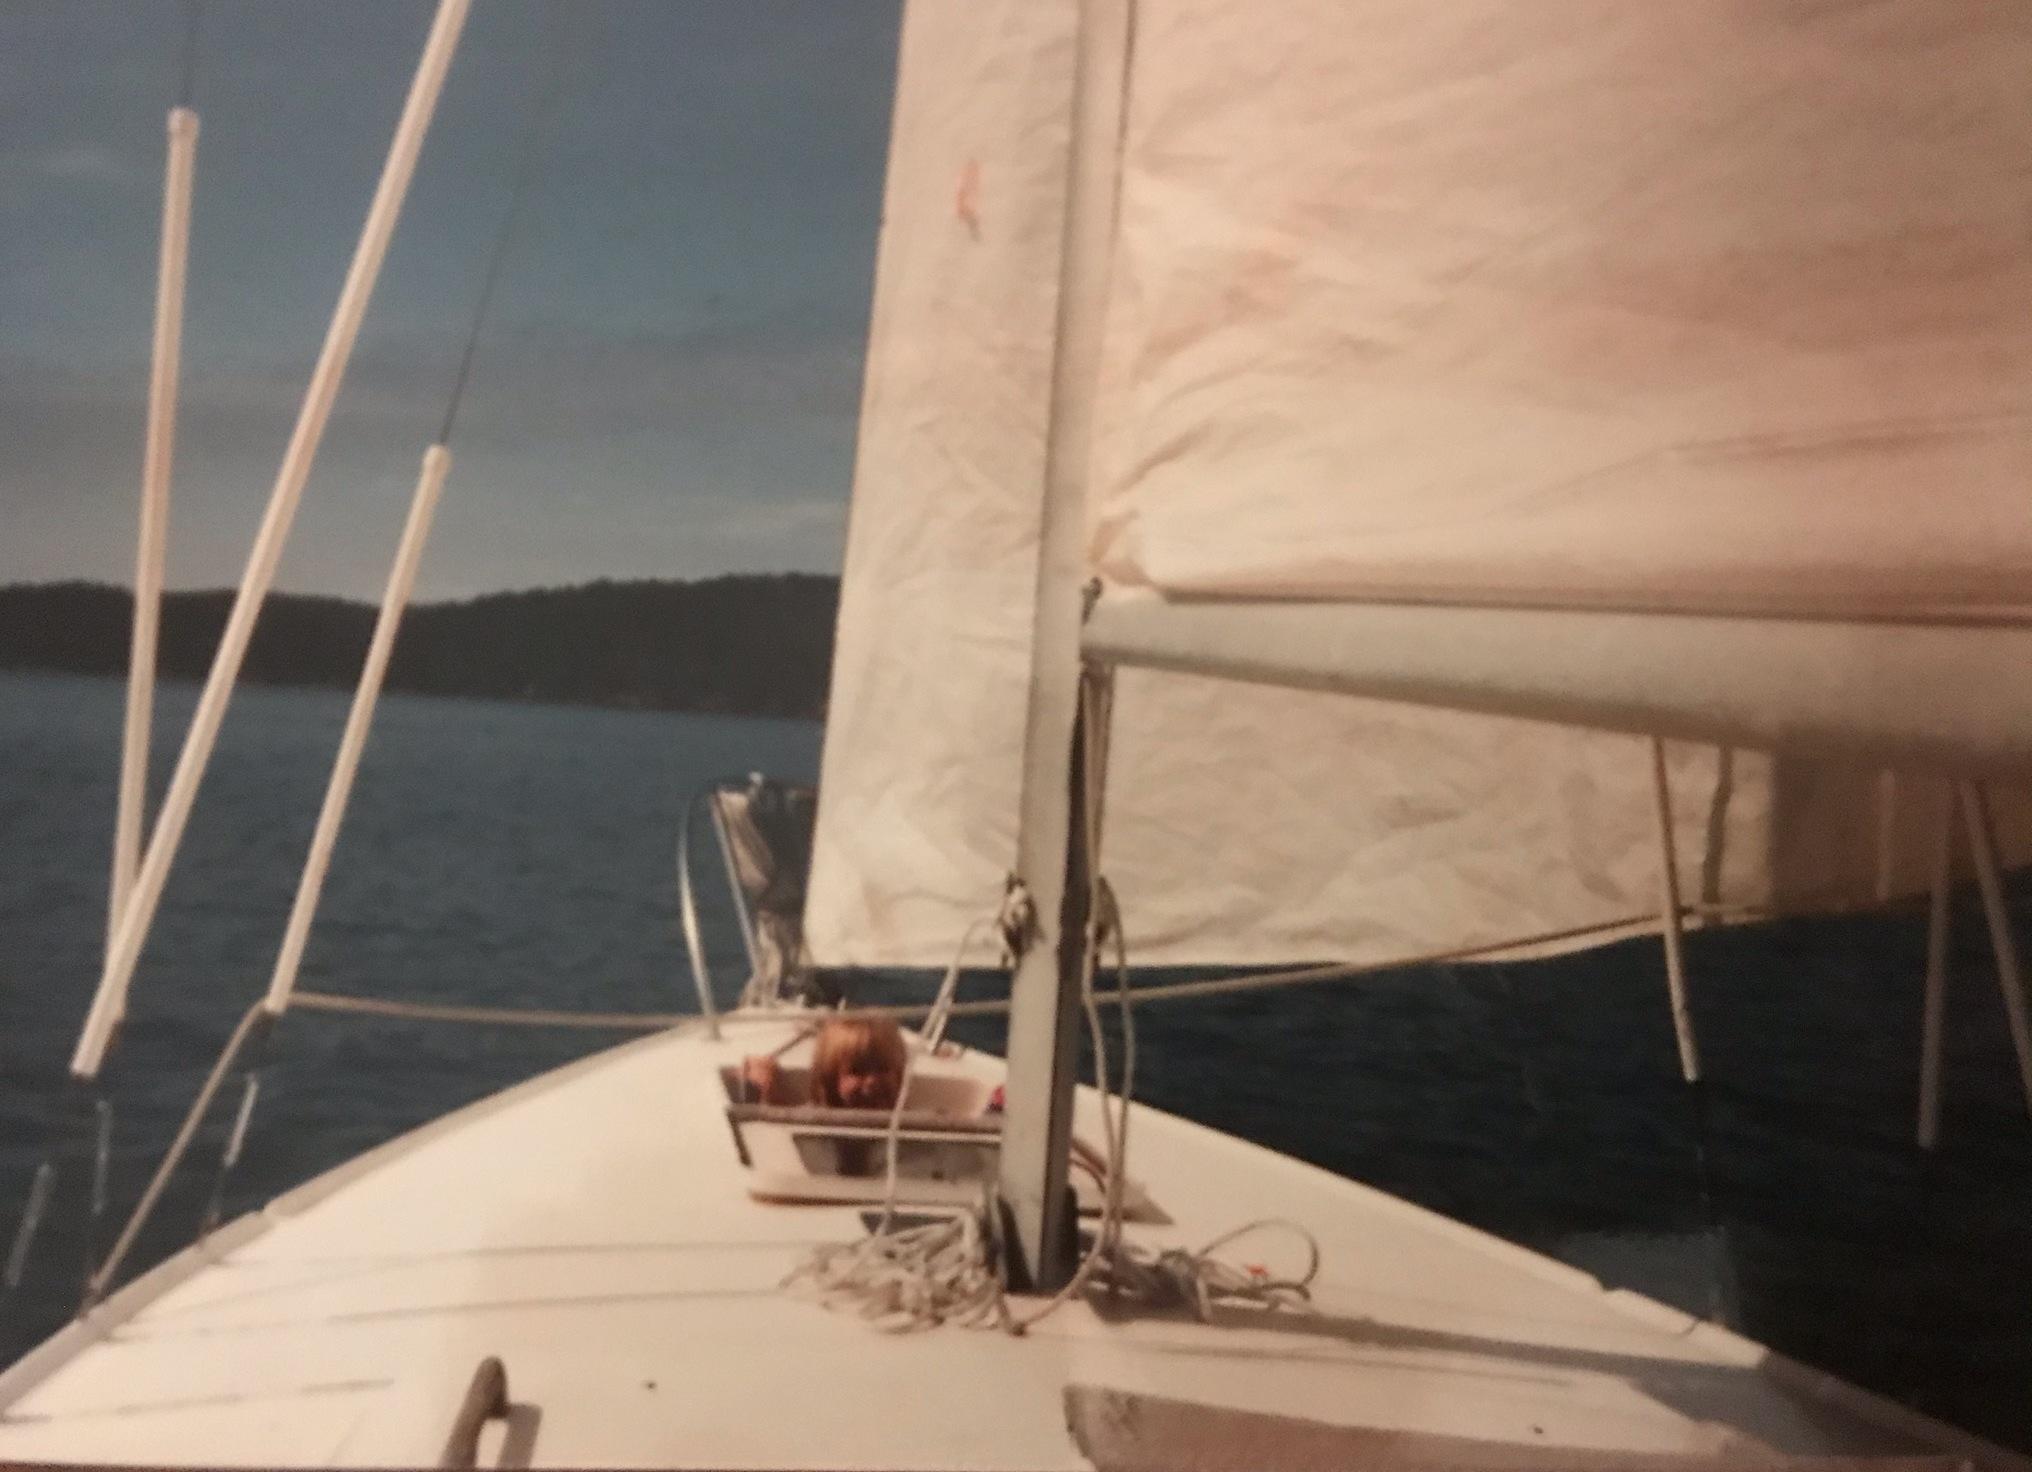 Elizabeth on a boat